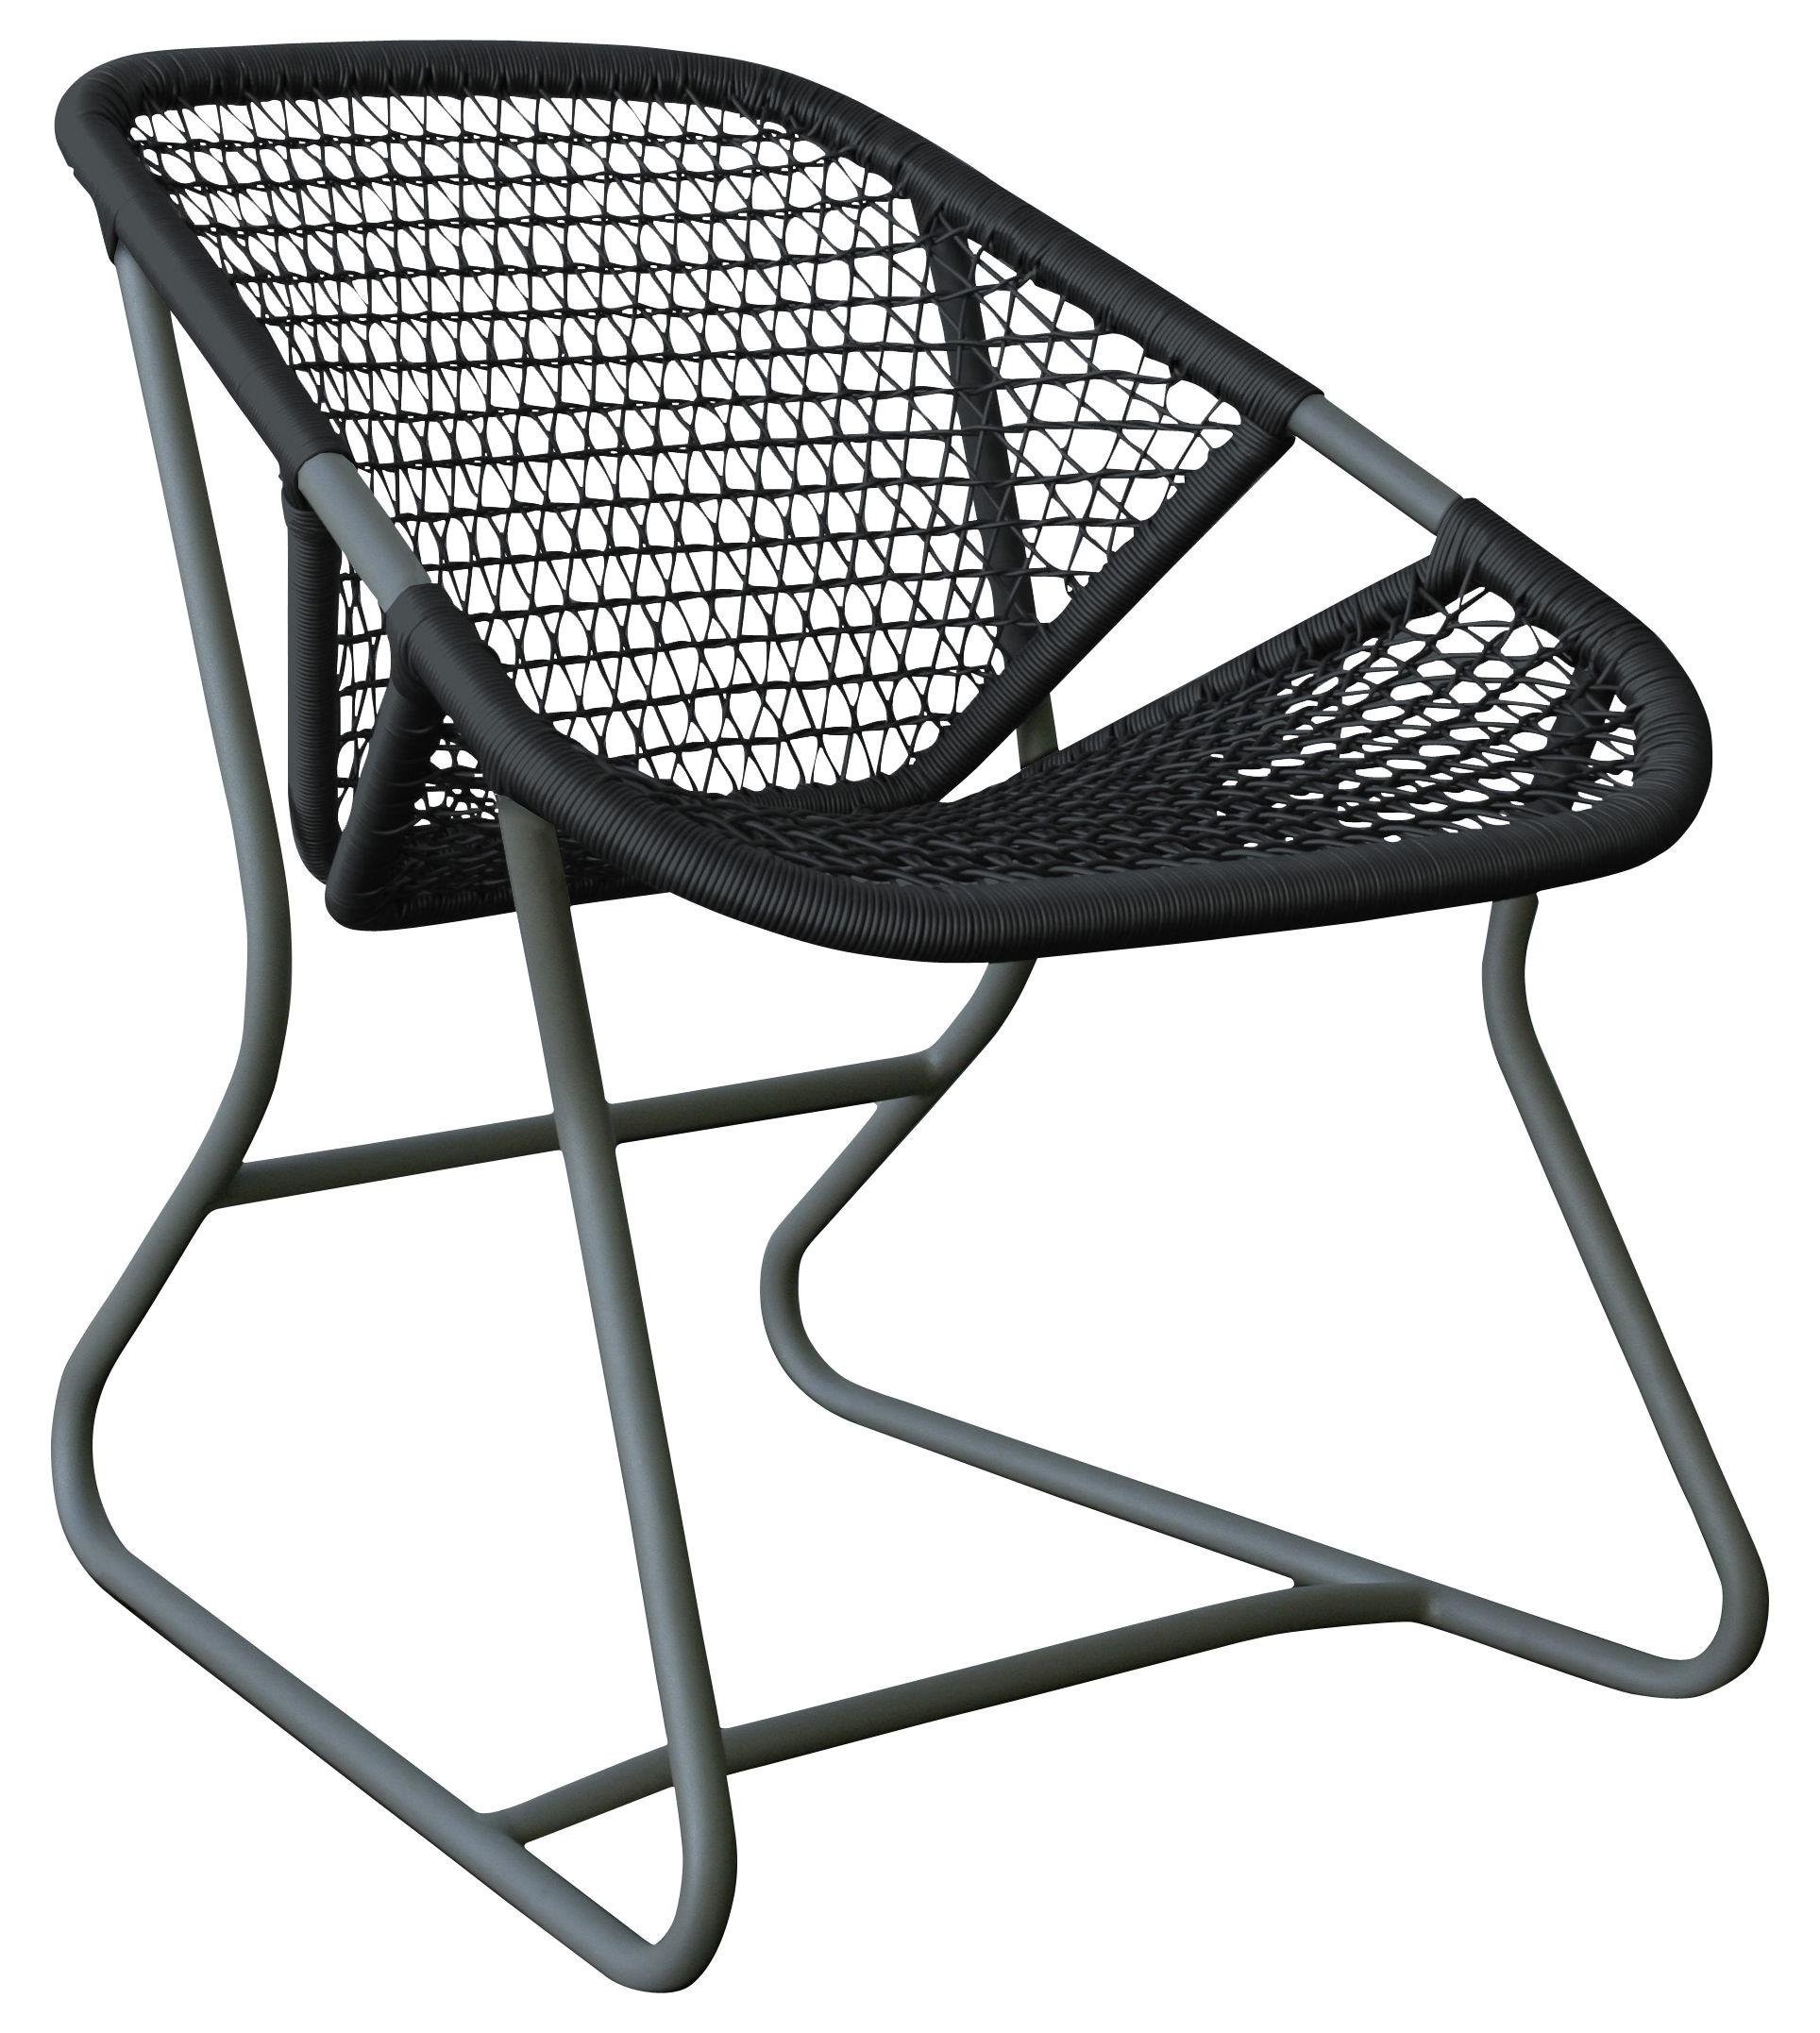 Arredamento - Poltrone design  - Poltrona bassa Sixties di Fermob - Piede Grigio temporale / Seduta Ardesia - Alluminio, Materiale plastico